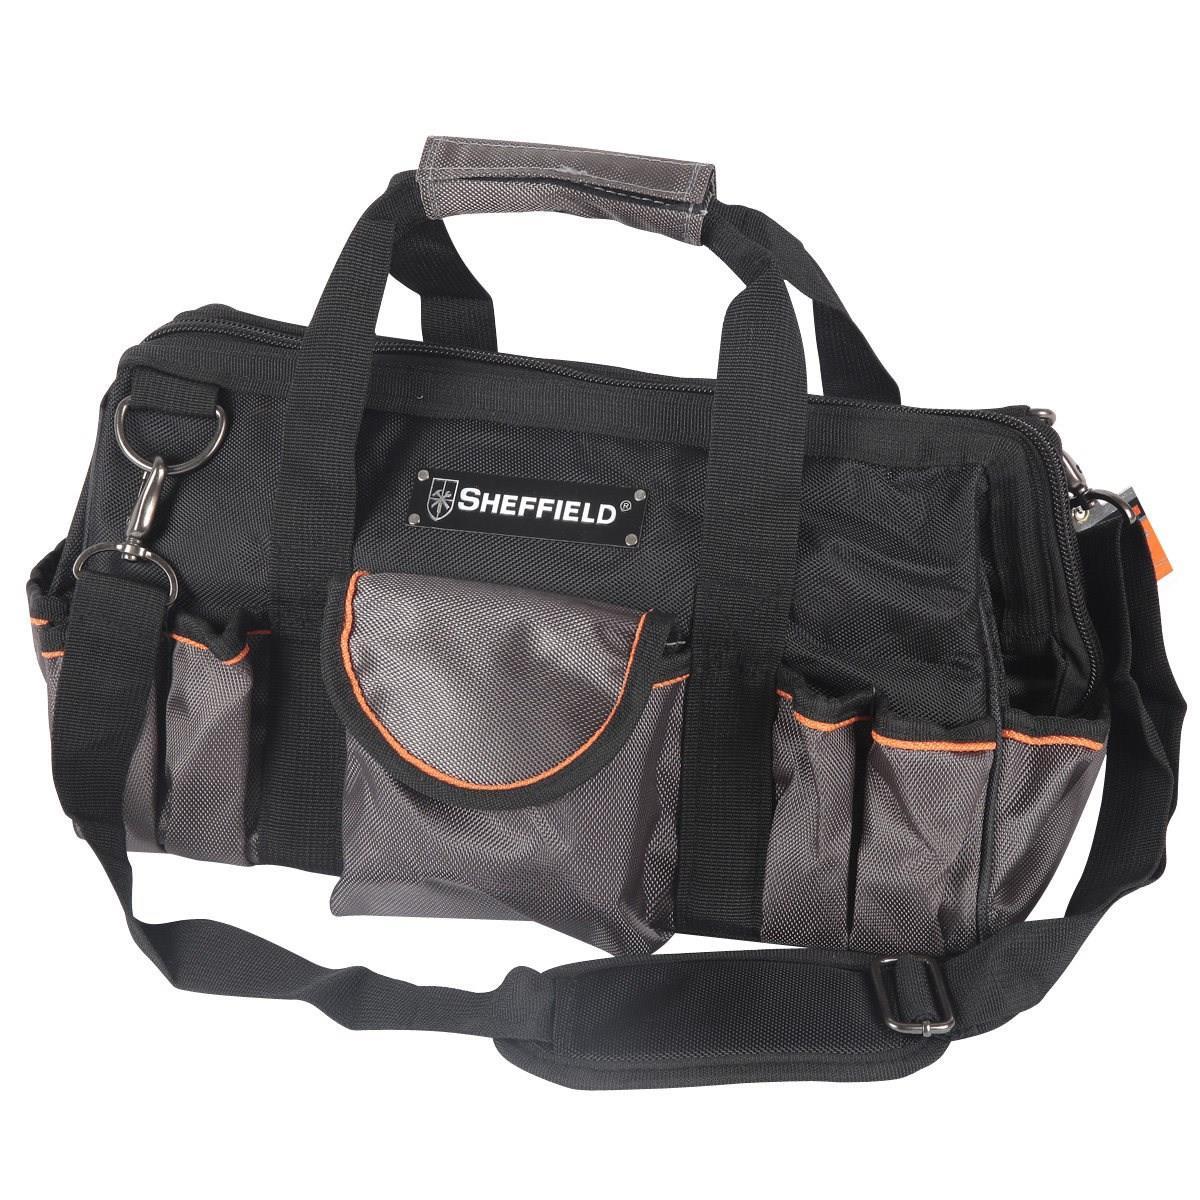 包邮大中小号多功能工具包空调家电维修单肩加厚电工收纳袋